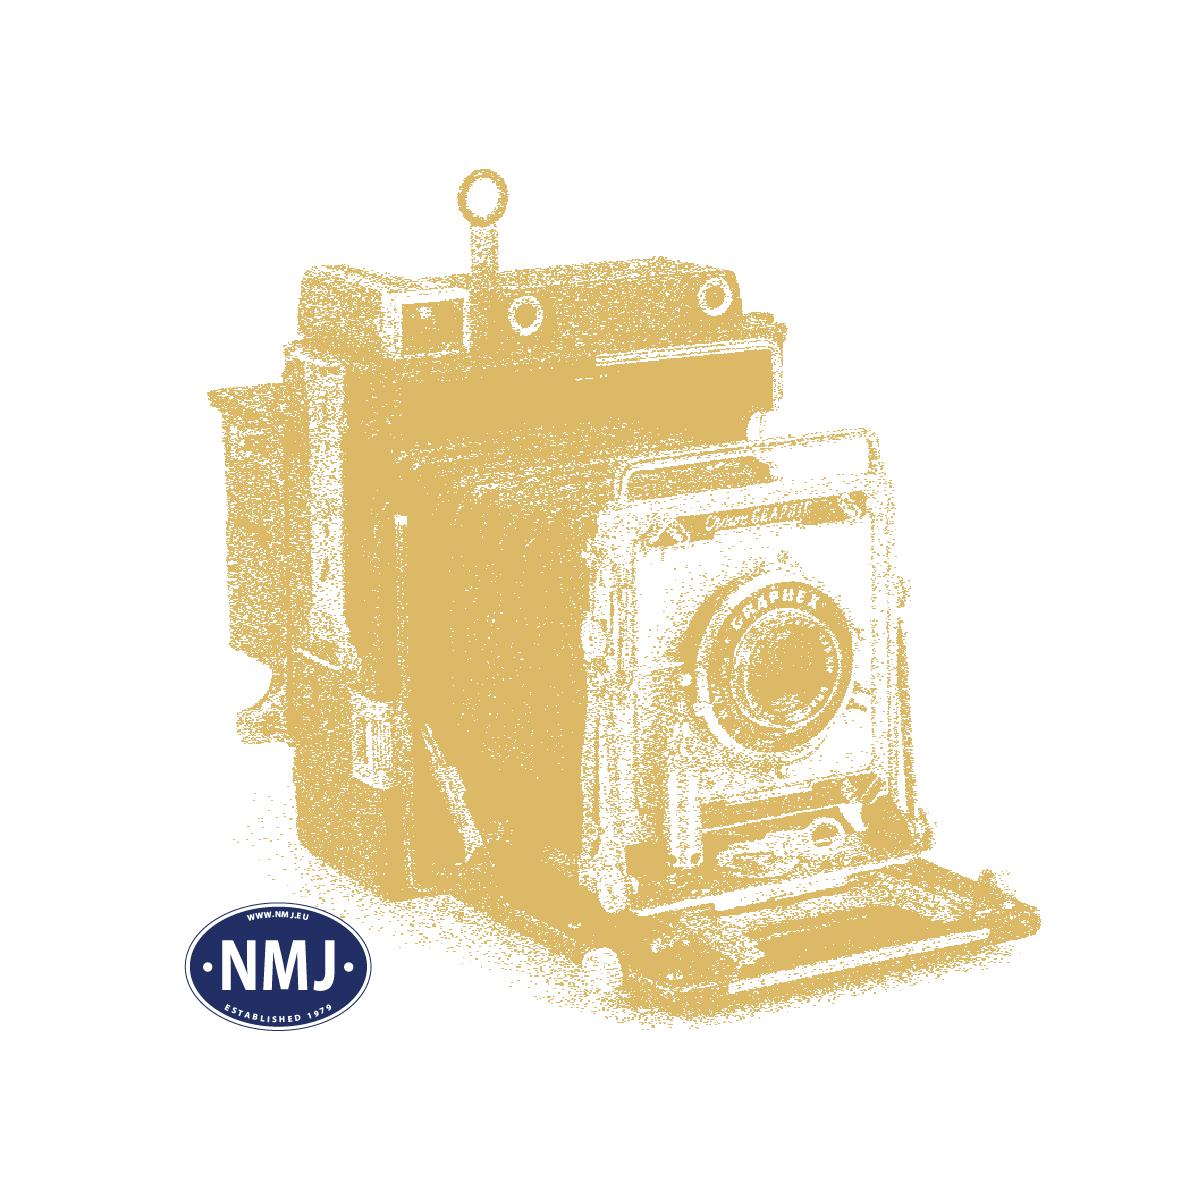 NMJT9921 - Eikehjul for EL13 AC